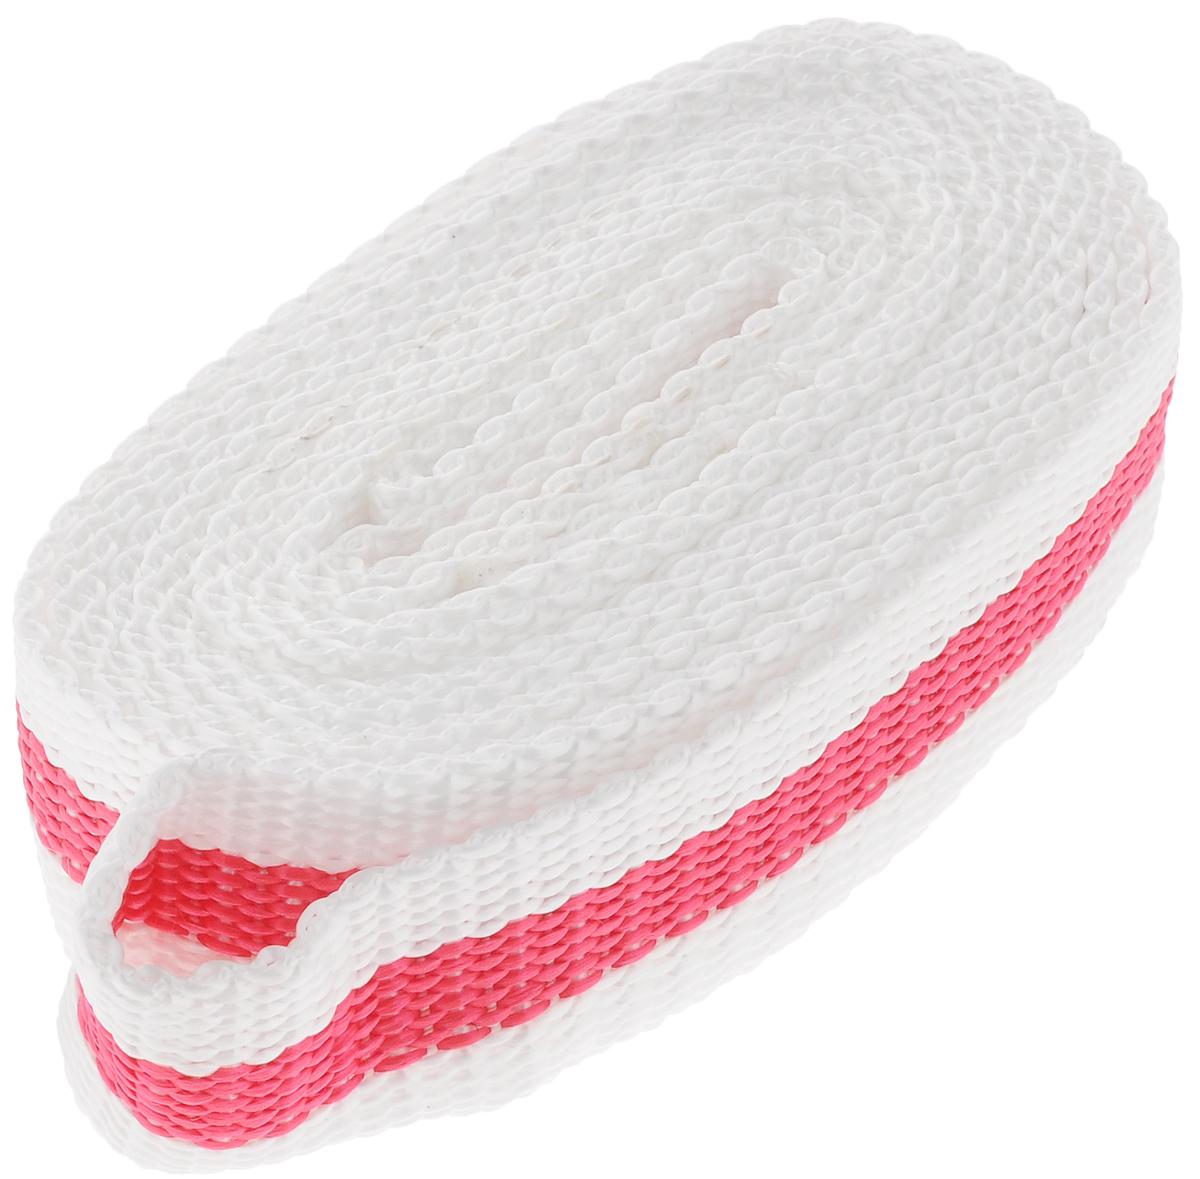 Трос буксировочный Azard, ленточный, без крюка, цвет: белый, розовый, 8 т, 4,5 мТР000014_белый,красная полосаБуксировочный трос Azard представляет собой ленту из сверхпрочной полиамидной (капроновой) нити. Специальное плетение ленты обеспечивает эластичность троса и плавный старт автомобиля при буксировке. На протяжении всего срока службы не меняет свои линейные размеры. Трос морозостойкий, влагостойкий и устойчив к агрессивным средами воздействию нефтепродуктов. Длина троса соответствует ПДД РФ. Буксировочный трос обязательно должен быть в каждом автомобиле. Он необходим на случай аварийной ситуации или если ваш автомобиль застрял на бездорожье. Максимальная нагрузка: 8 т. Длина троса: 4,5 м.